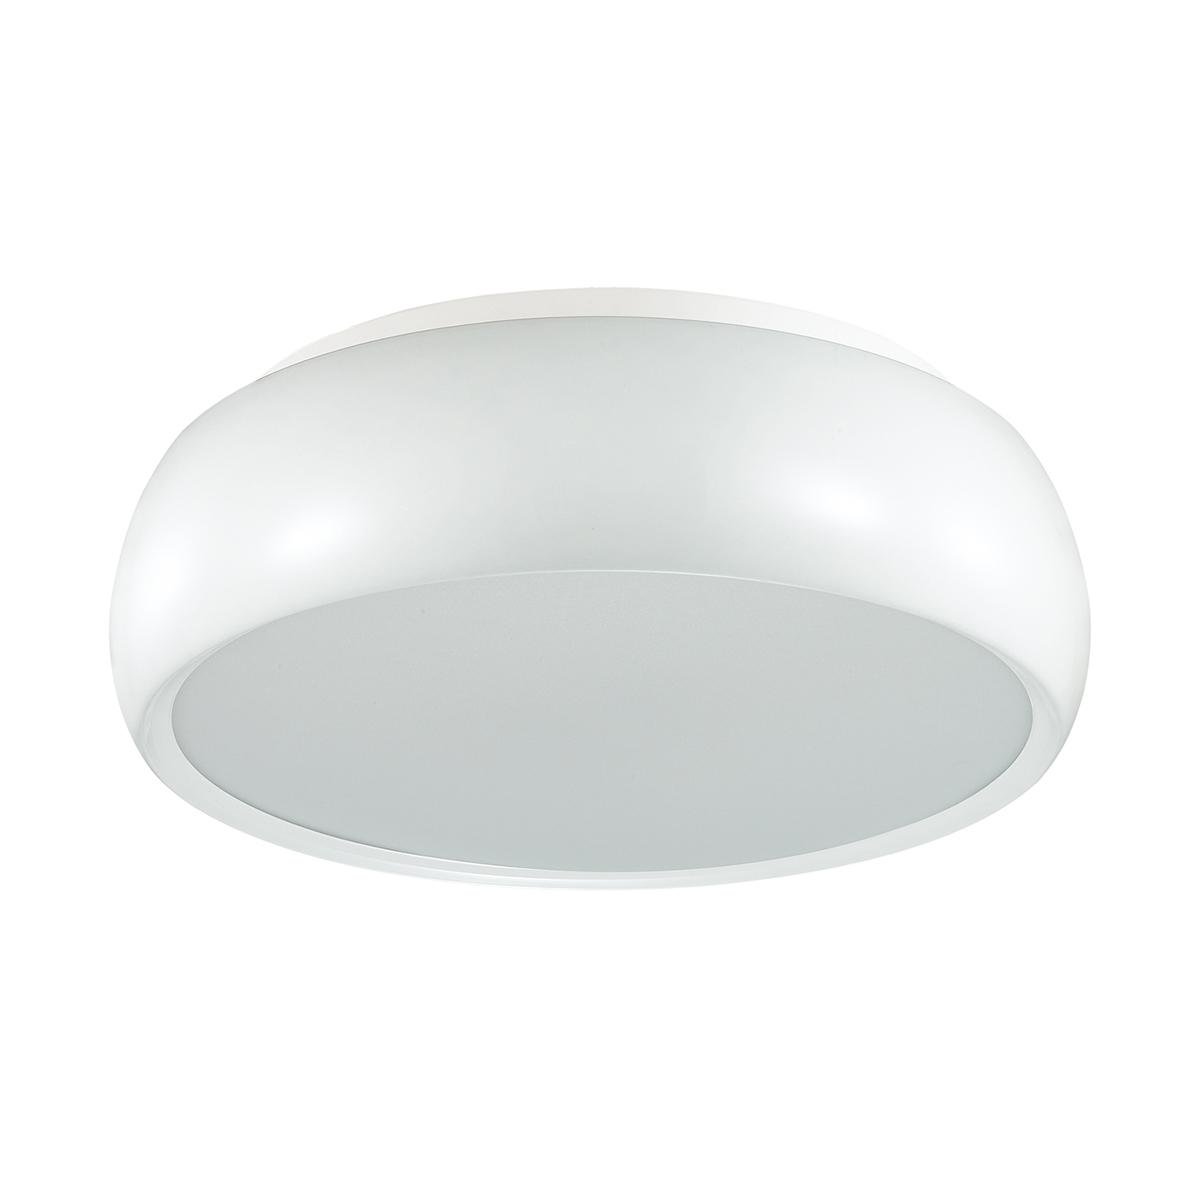 Потолочный светильник Lumion TIMO 4413/3C, E27, 180 Вт